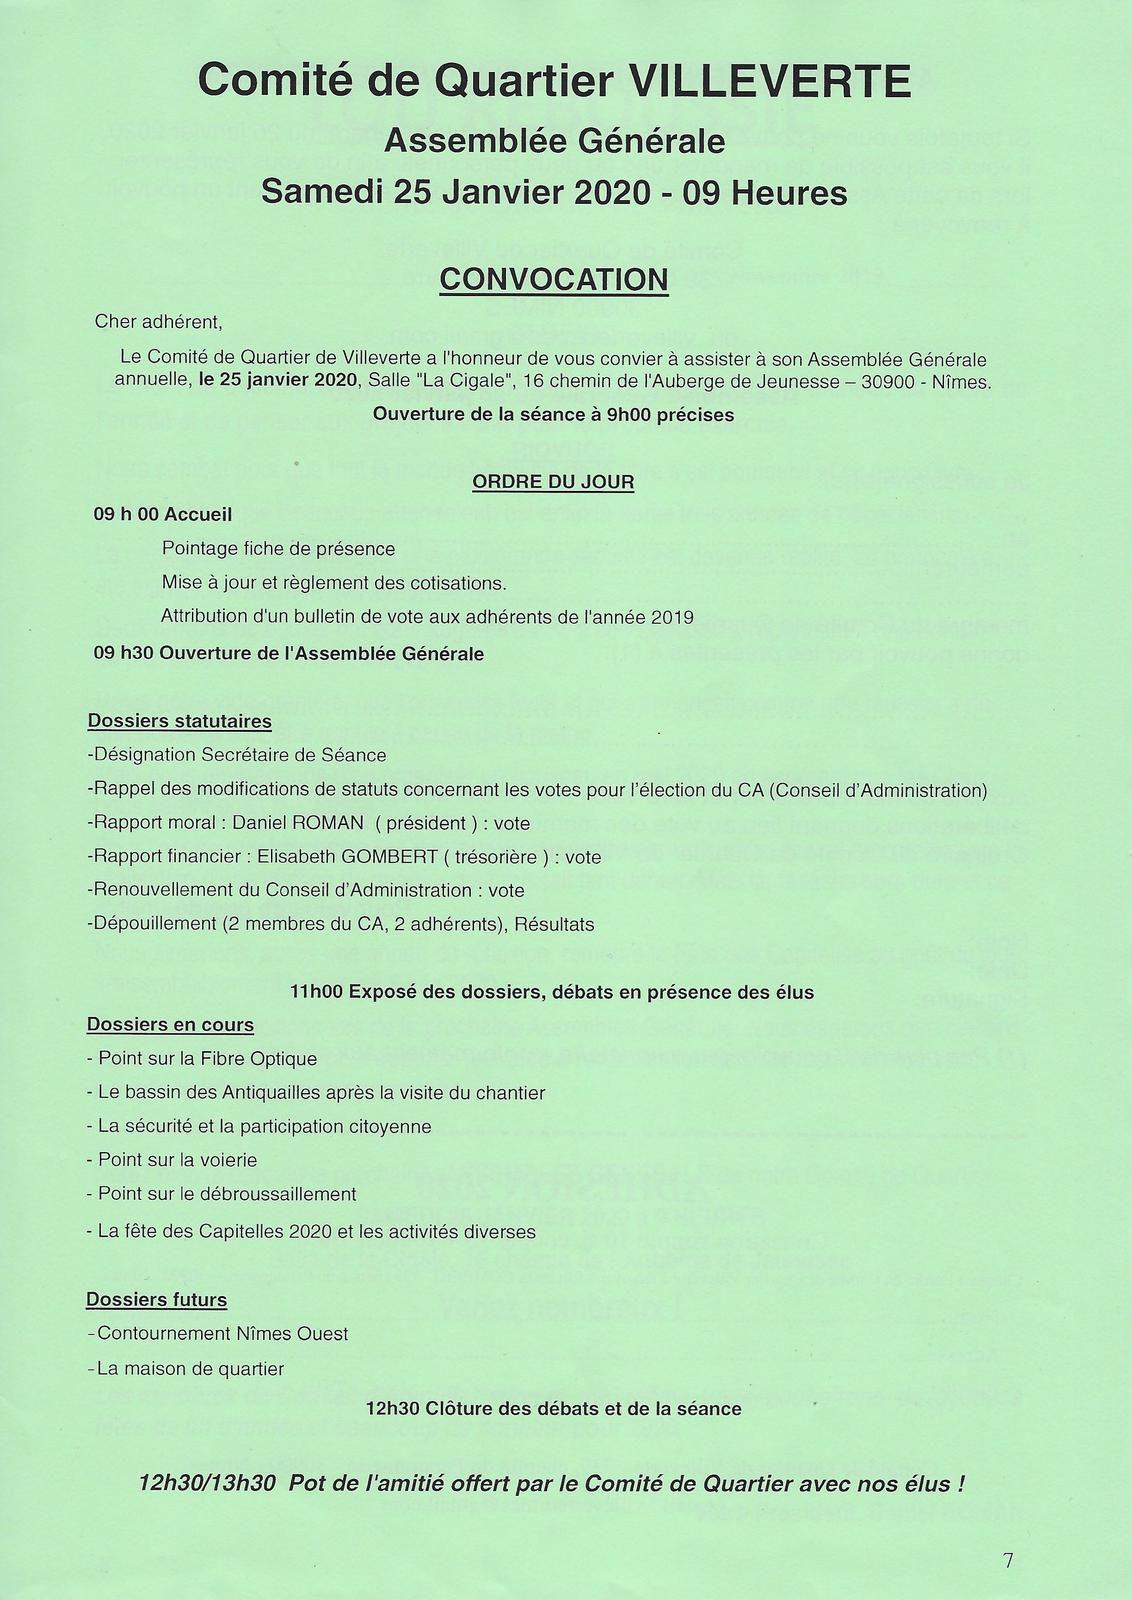 Comité de Quartier de Villeverte à Nîmes, assemblée générale 2020